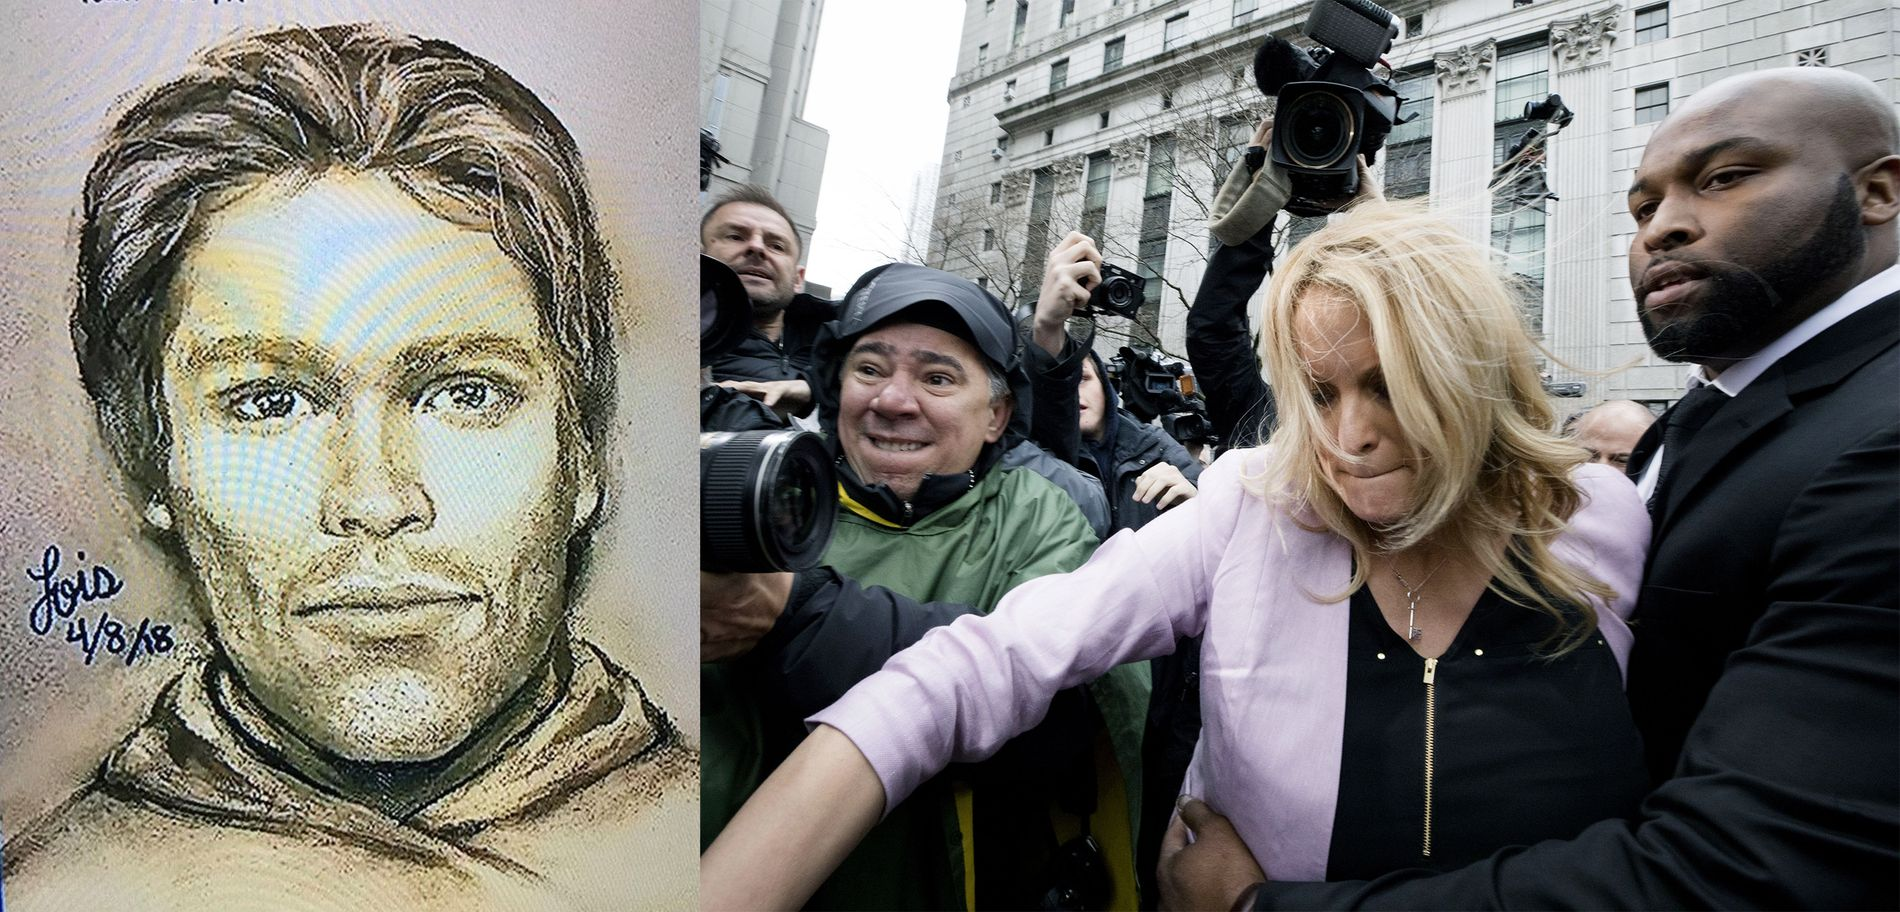 FANTOMTEGNING: Pornoskuespilleren Stormy Daniels offentliggjorde tirsdag en tegning av mannen hun hevder truet henne i 2011.